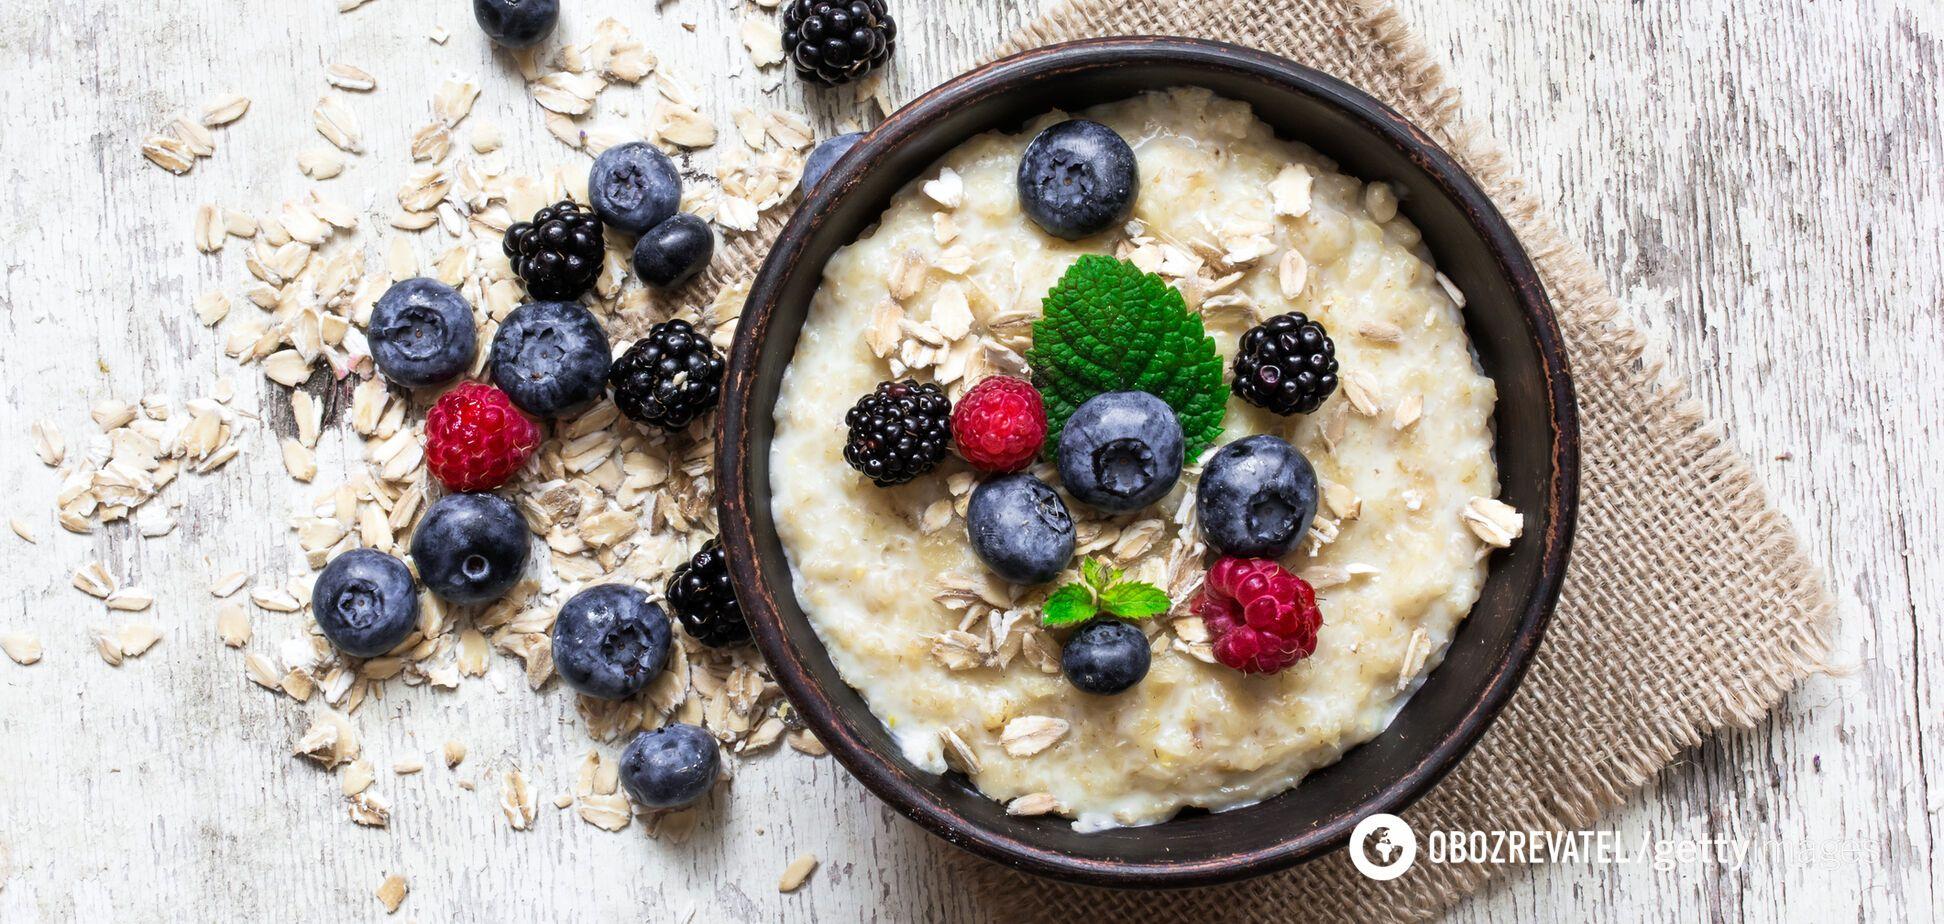 Завтрак должен быть сбалансированным и сытным